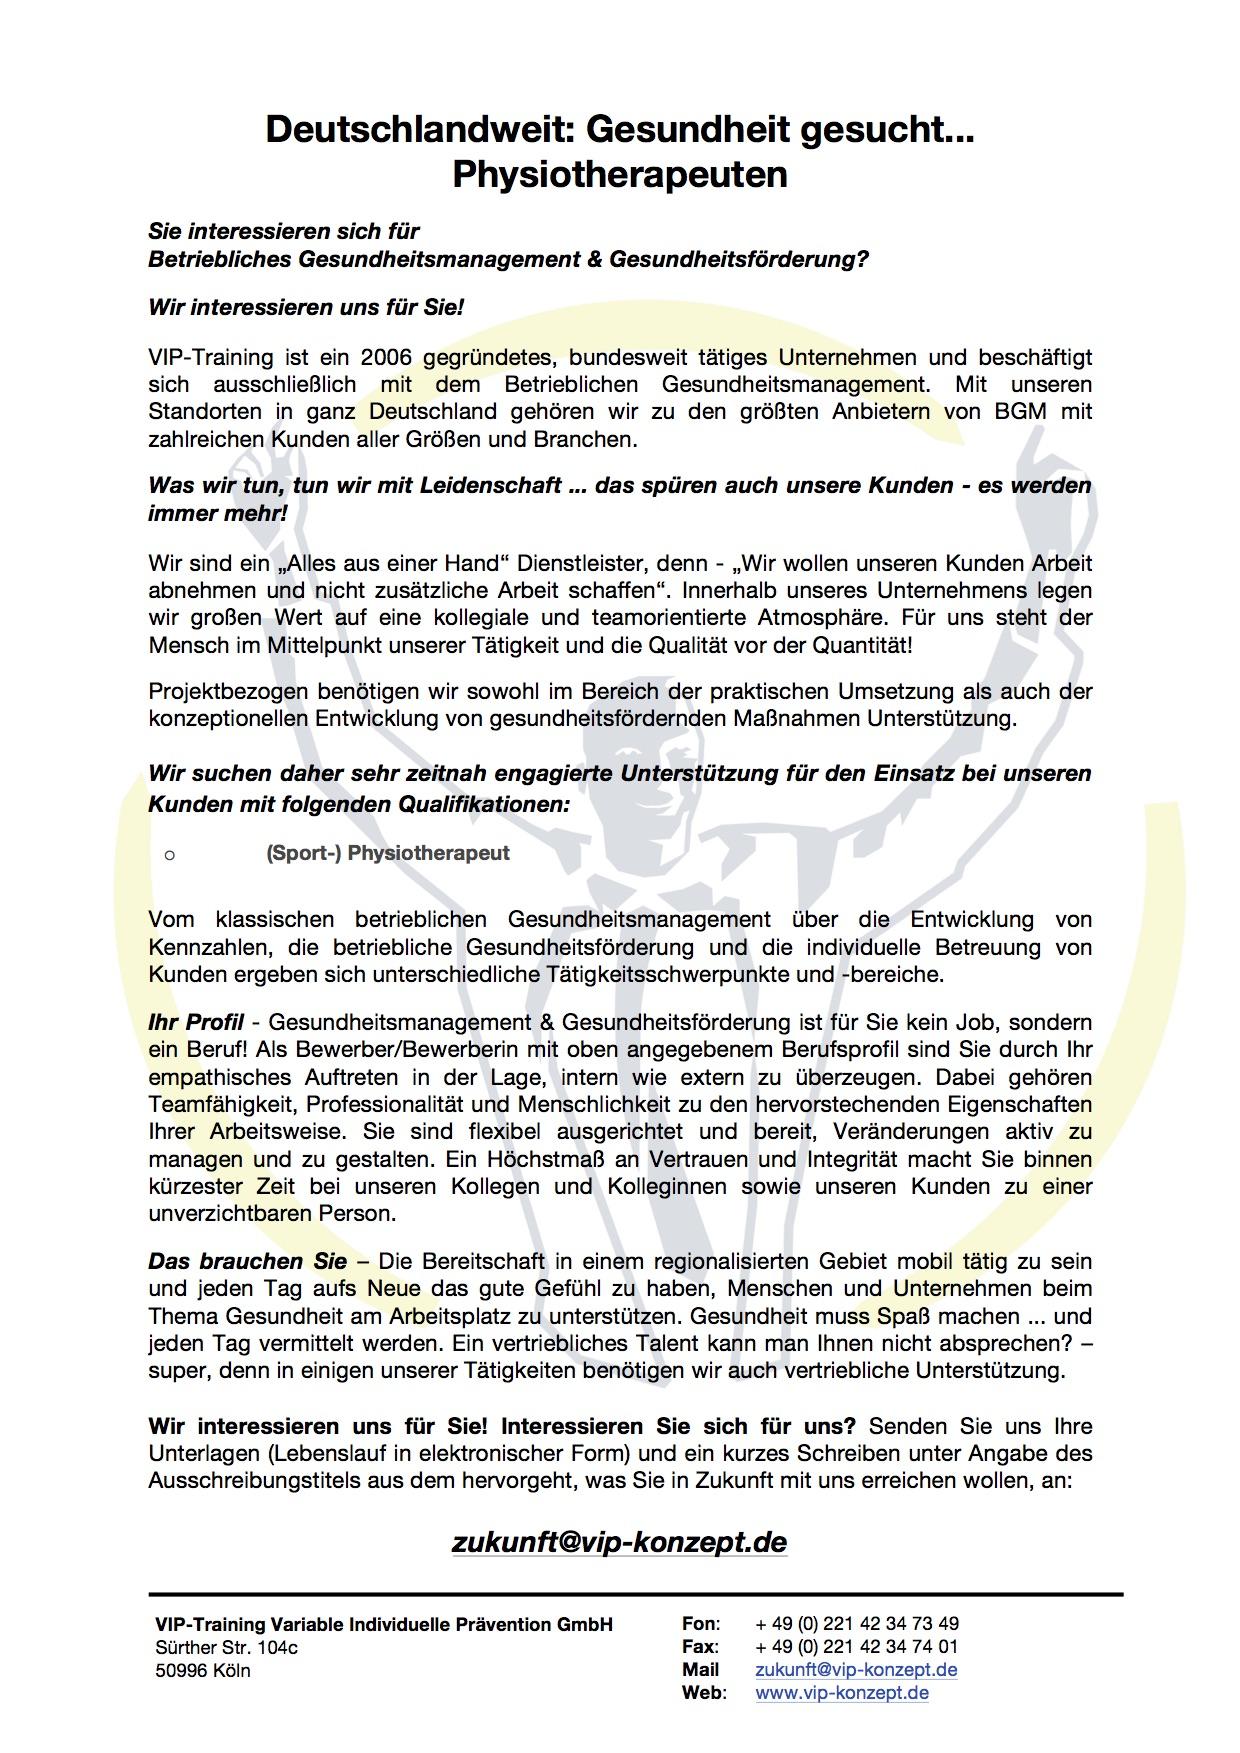 Deutschlandweit - Gesundheit gesucht - Physiotherapeuten